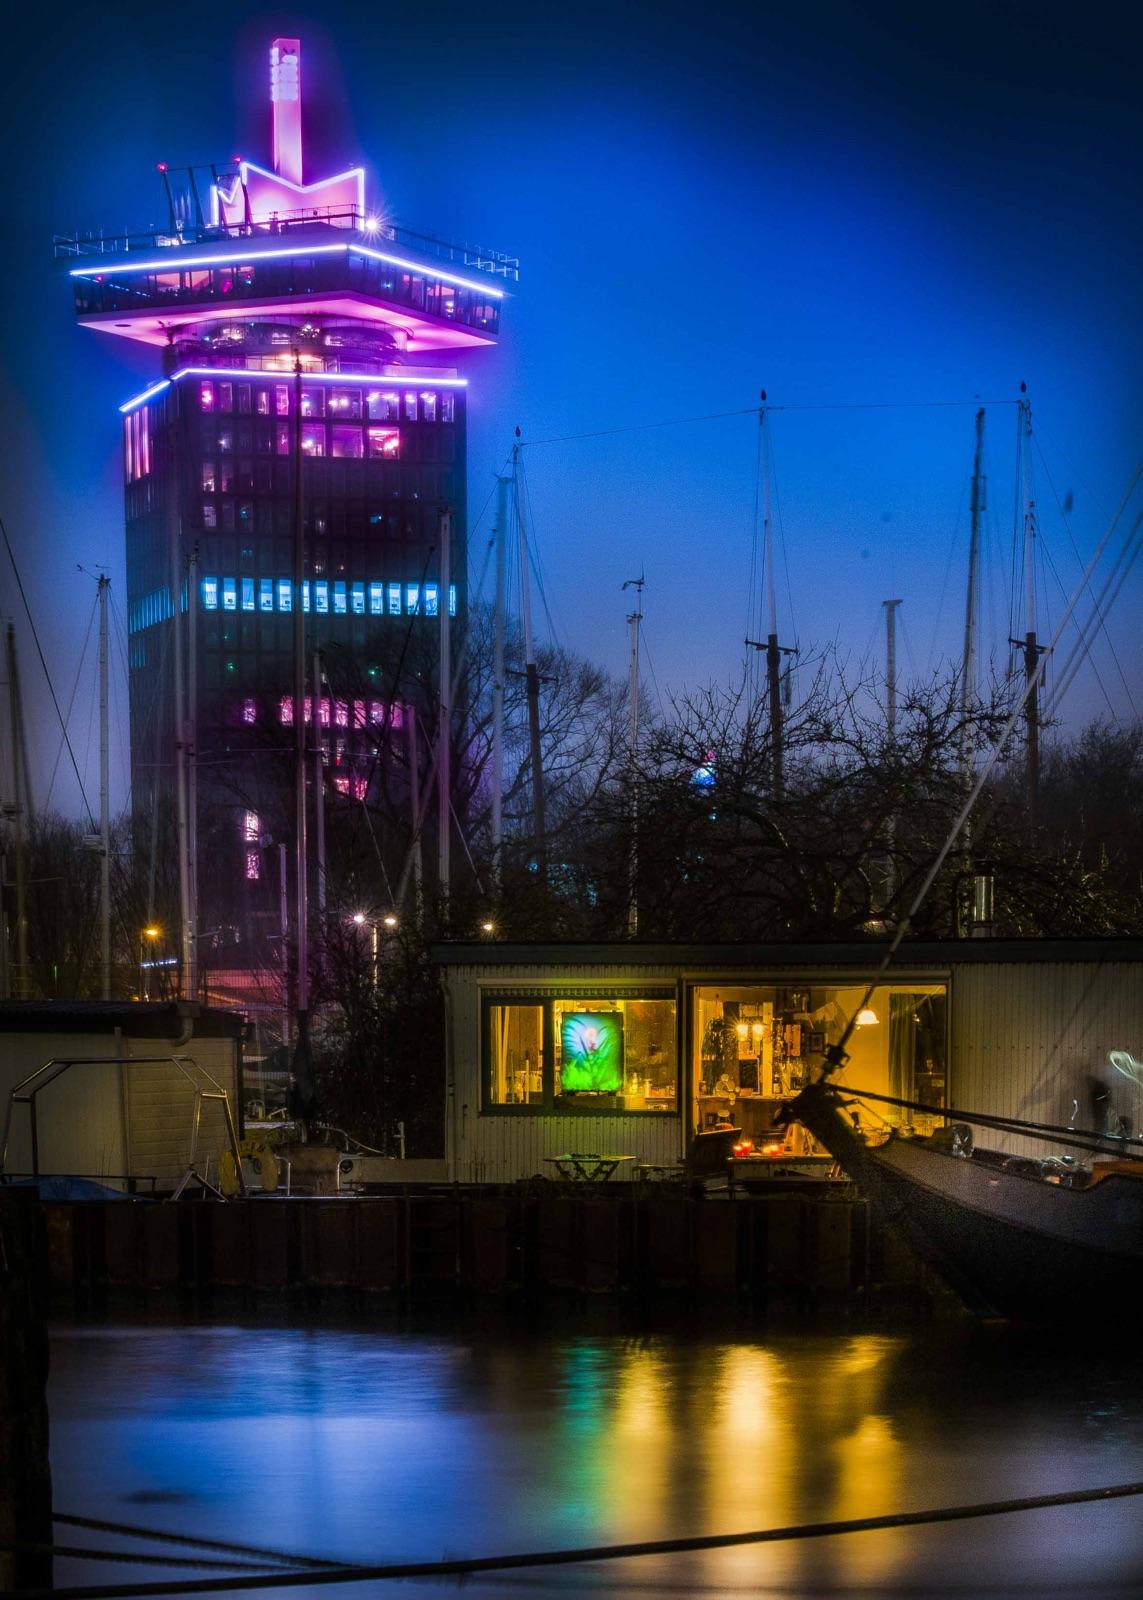 foto van TA'dam Toren in Sixhaven Amsterdam Noord en woonboot met lichtbak foto van Jan van der Horn